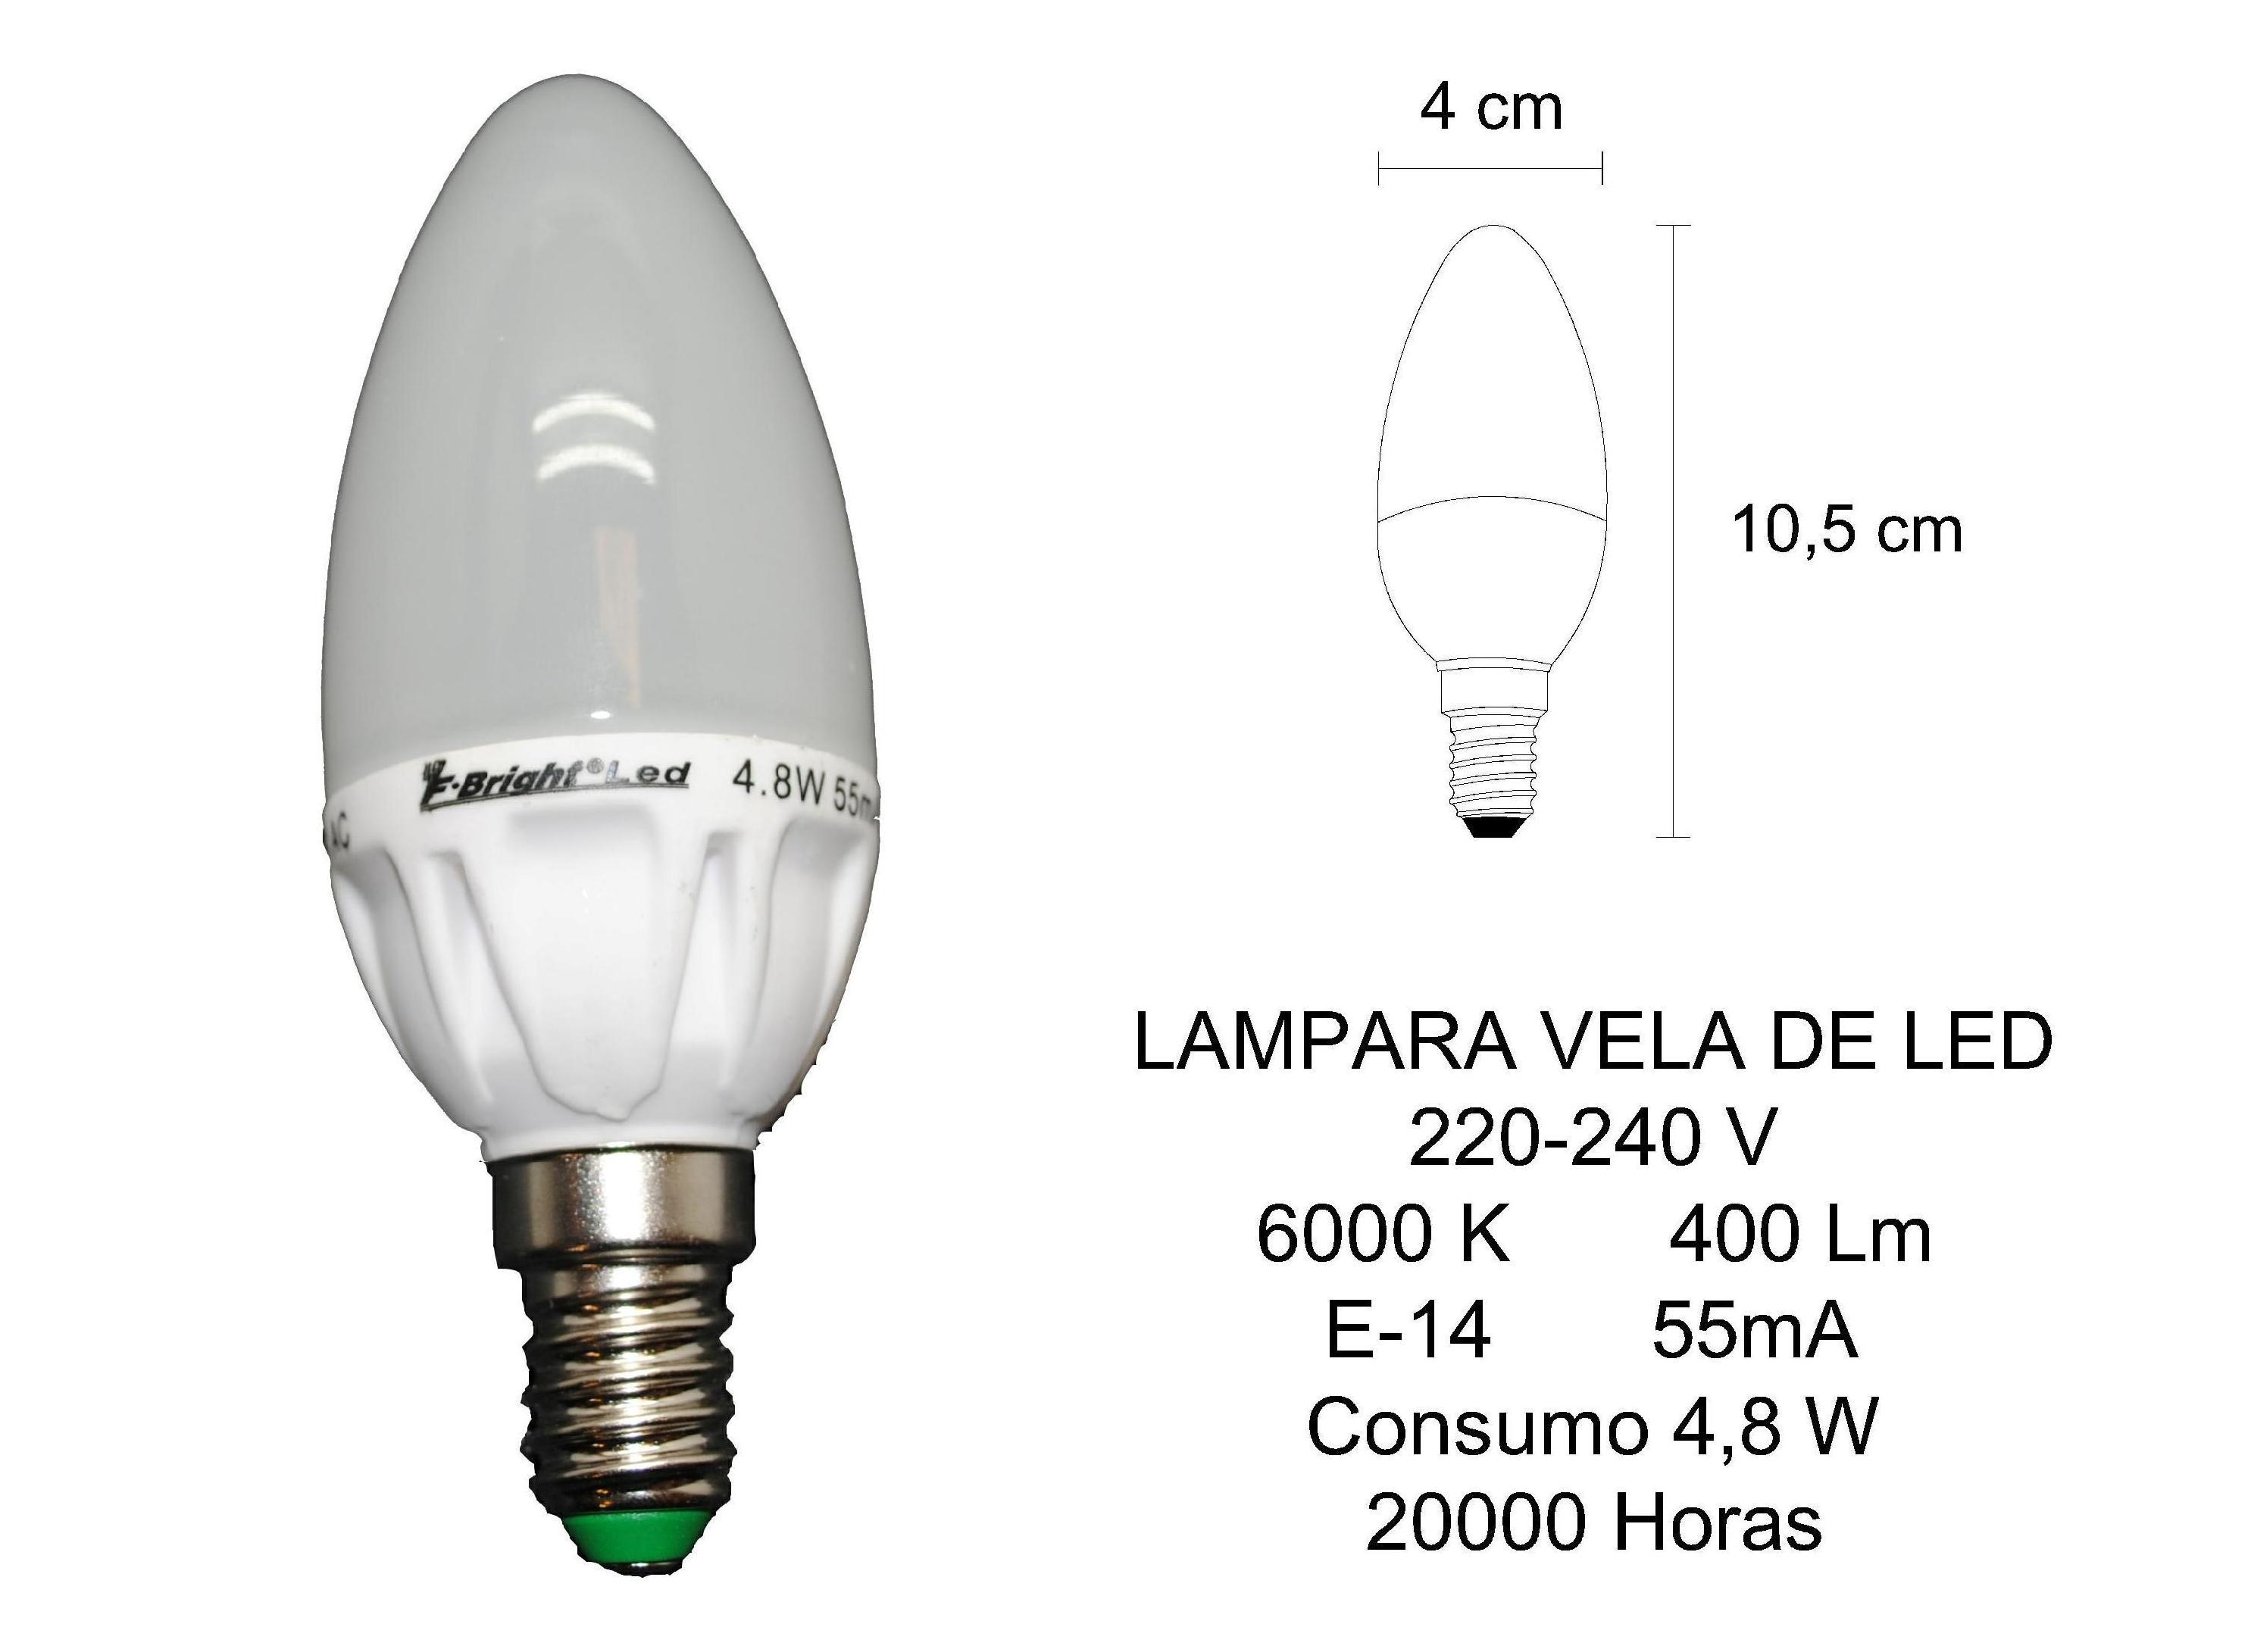 LAMPARA VELA DE LED